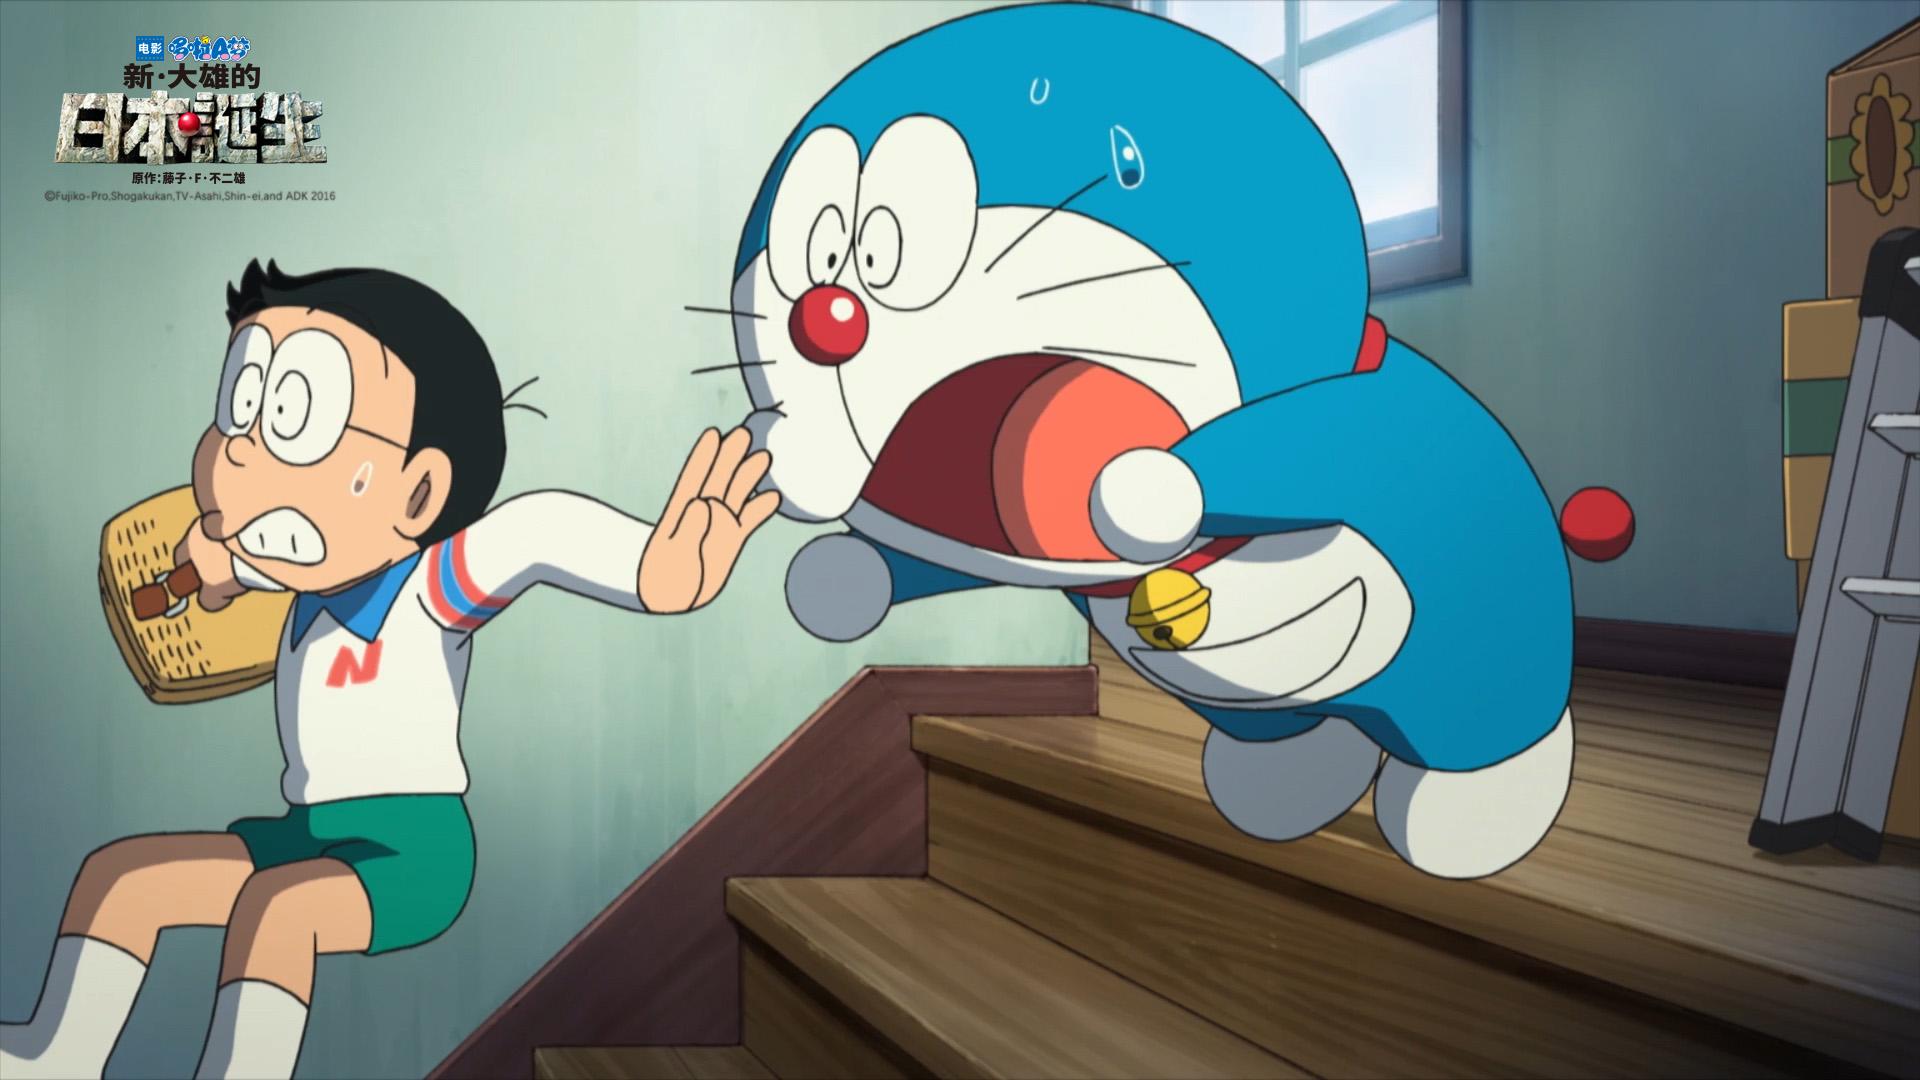 《哆啦a梦:新·大雄的日本诞生》曝先导预告